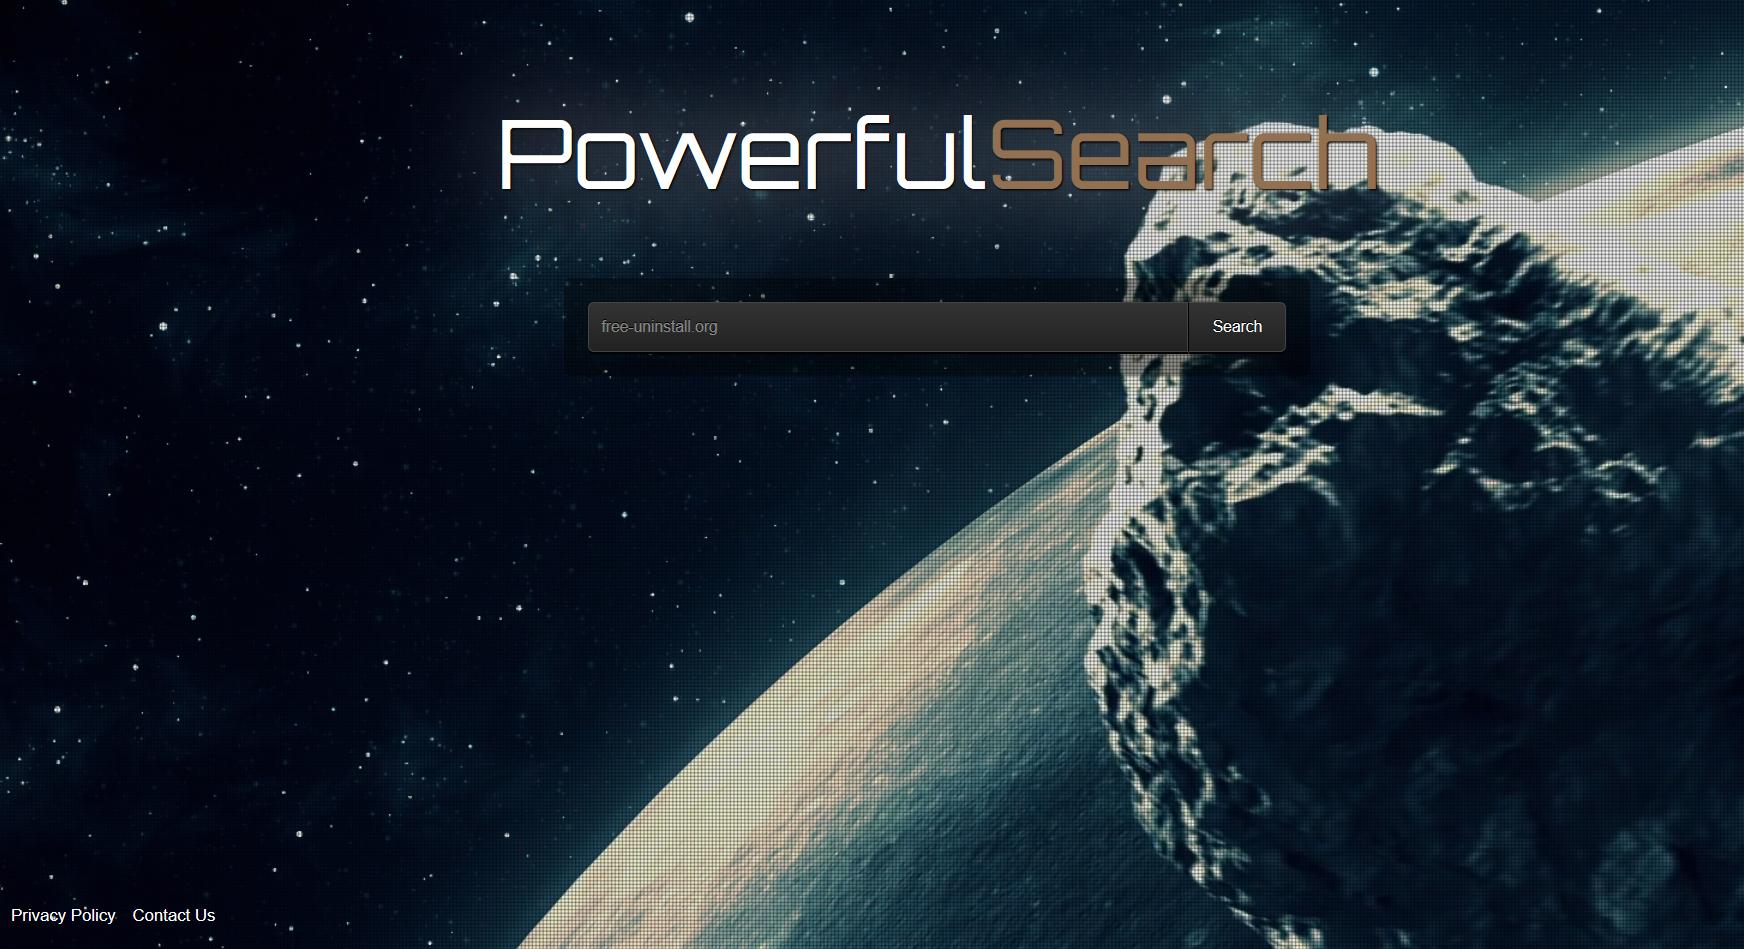 Powerfulsearch.net hijacker